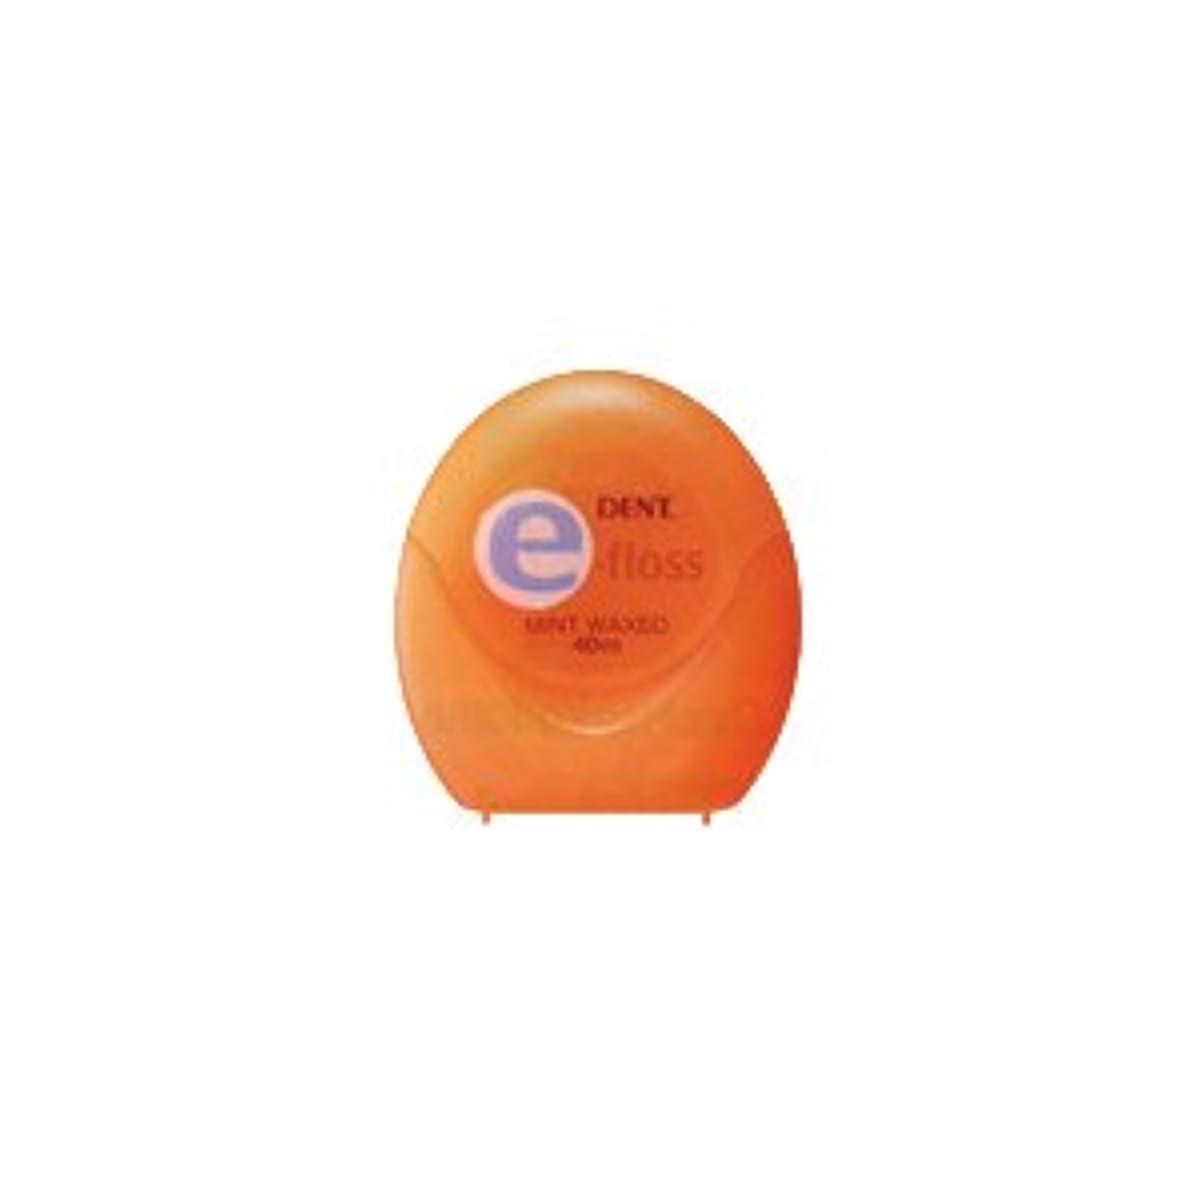 ファントム多数の密度ライオン DENT.e-floss デントイーフロス 1個 (オレンジ)